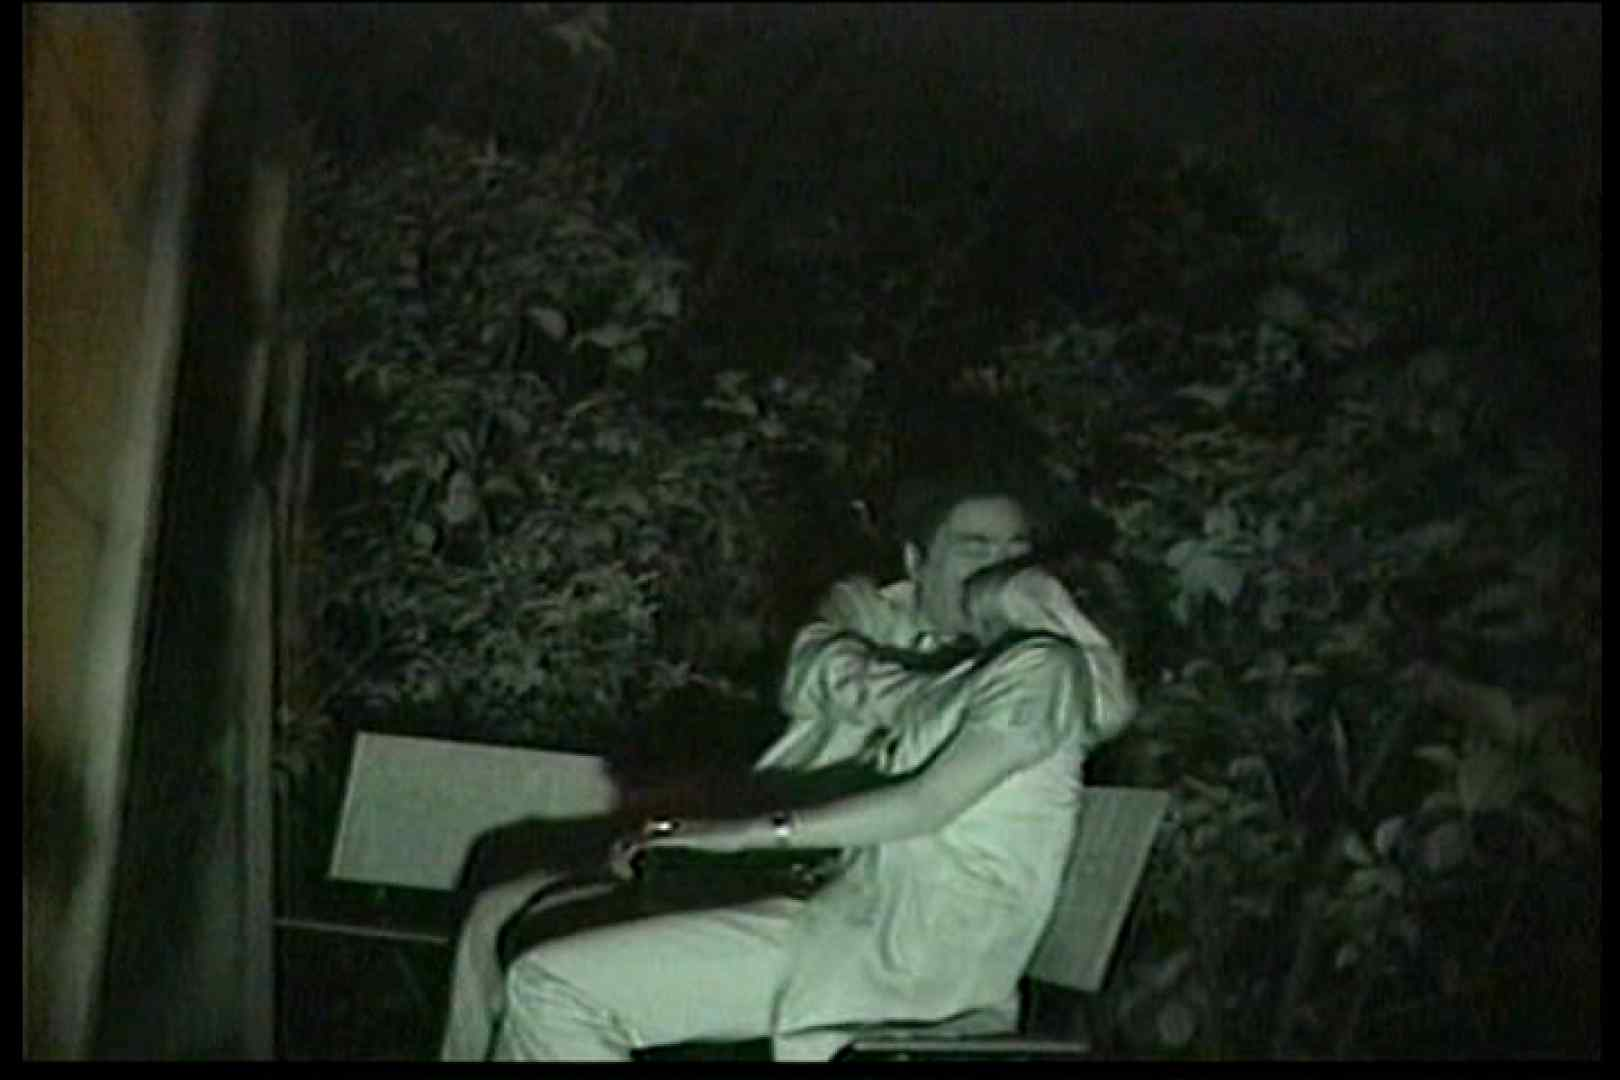 闇の仕掛け人 無修正版 Vol.16 OLヌード天国 エロ画像 78PIX 47